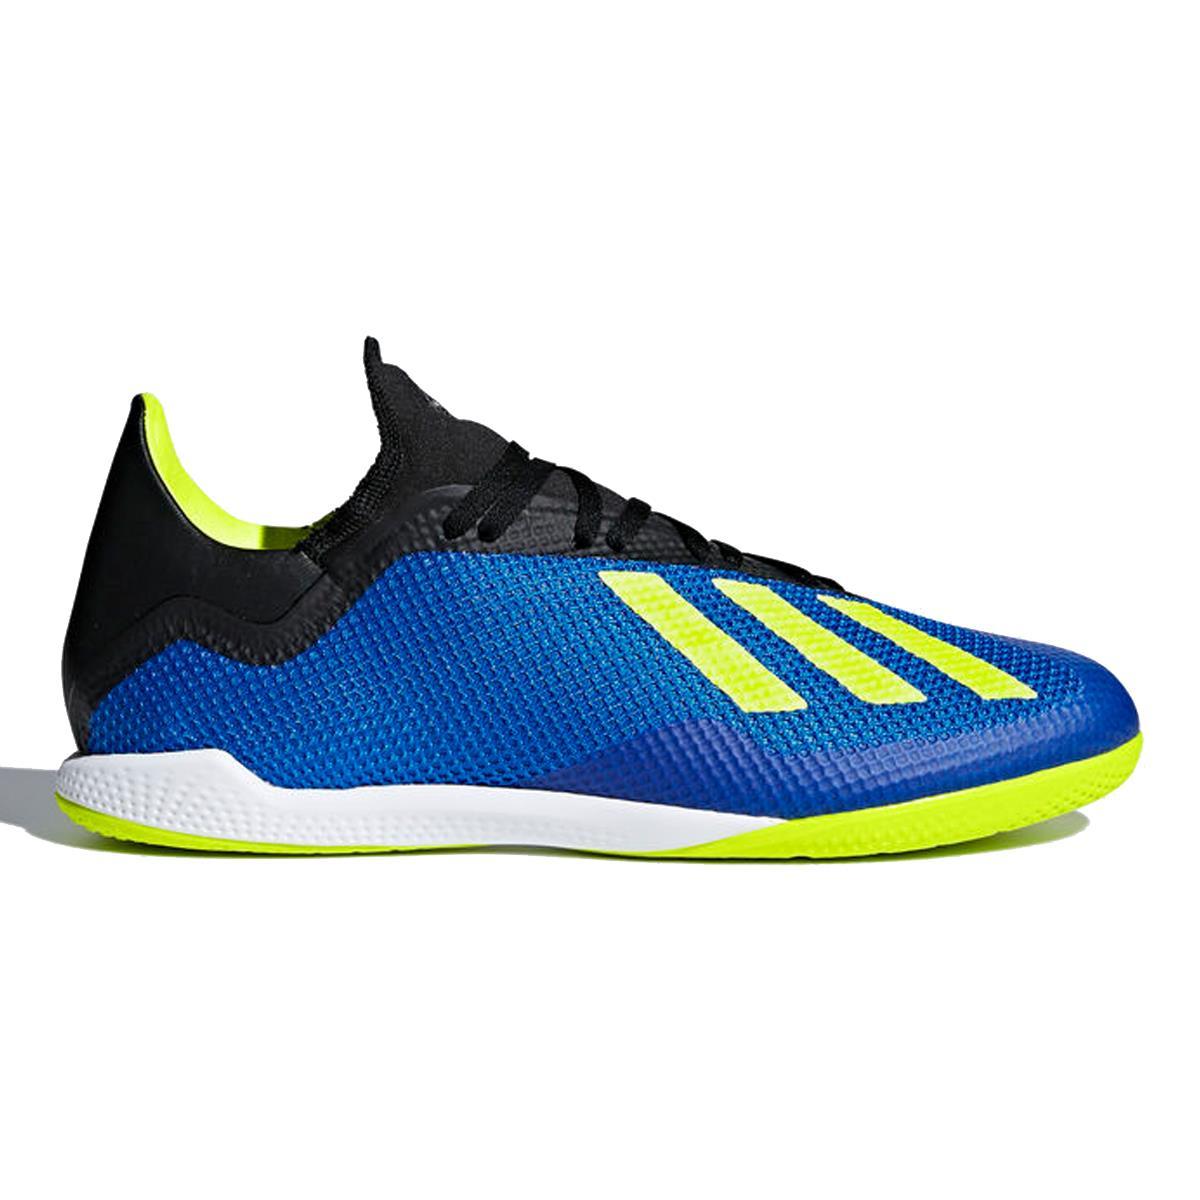 e4f826042f Chuteira Futsal Adidas X Tango 18.3 Masculina